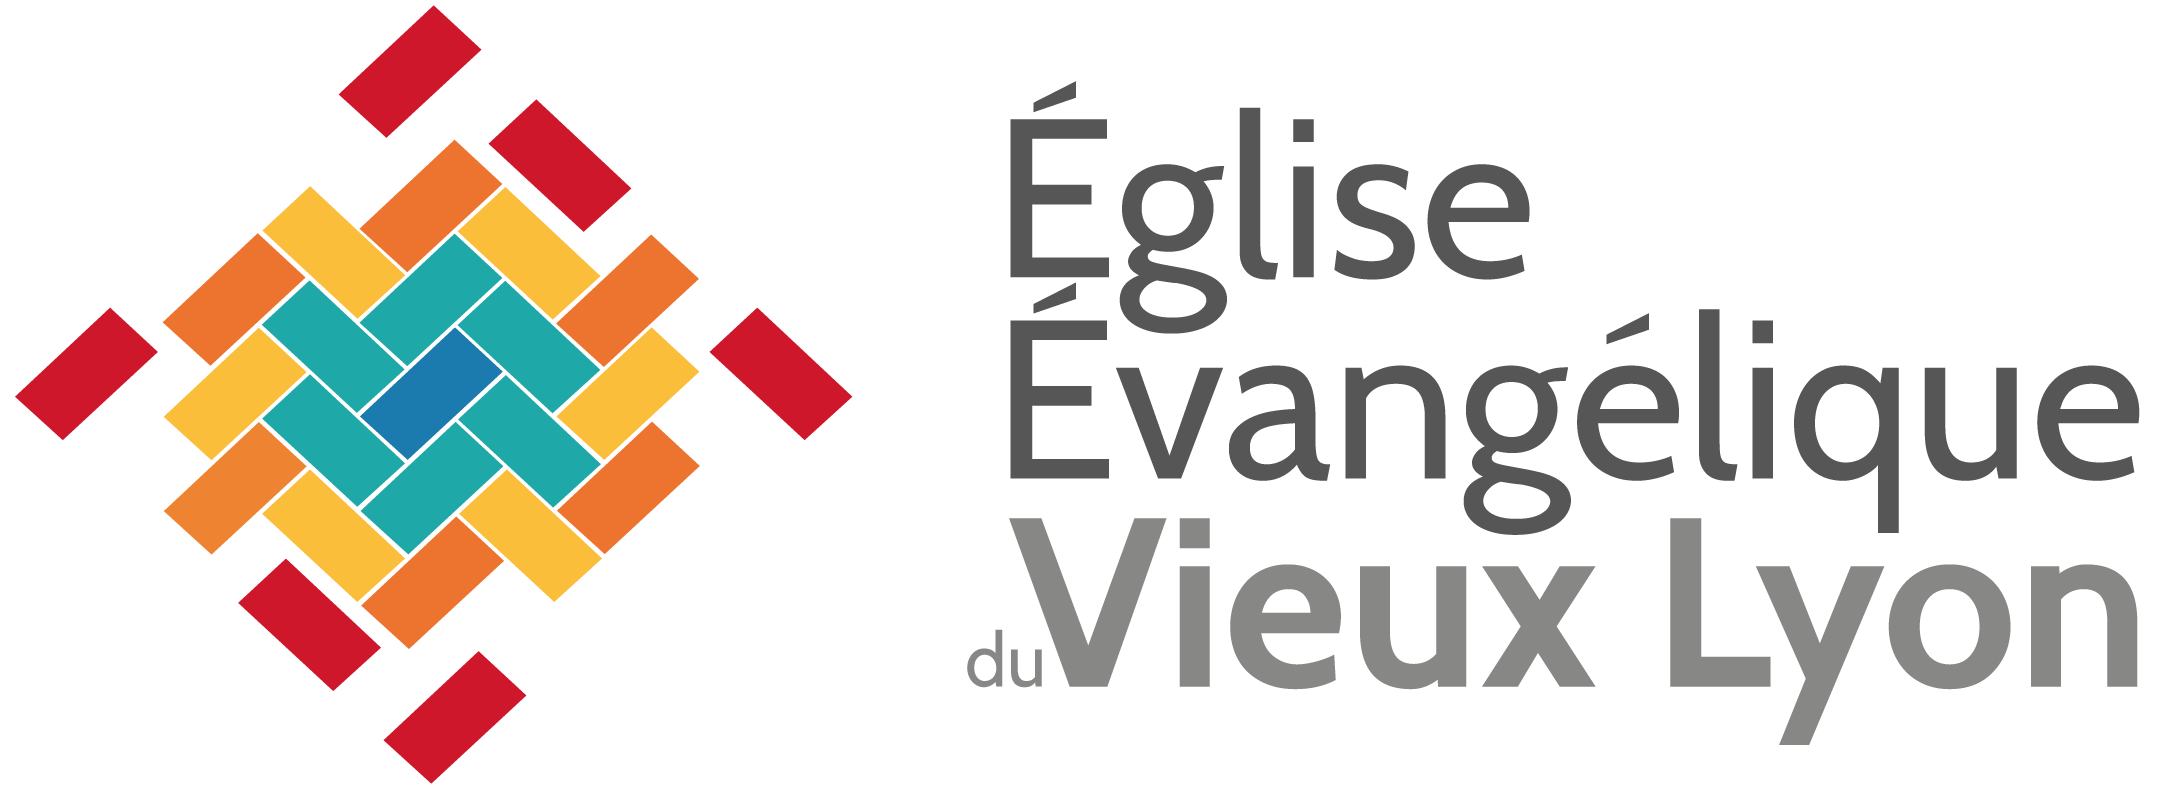 Église Évangélique du Vieux Lyon